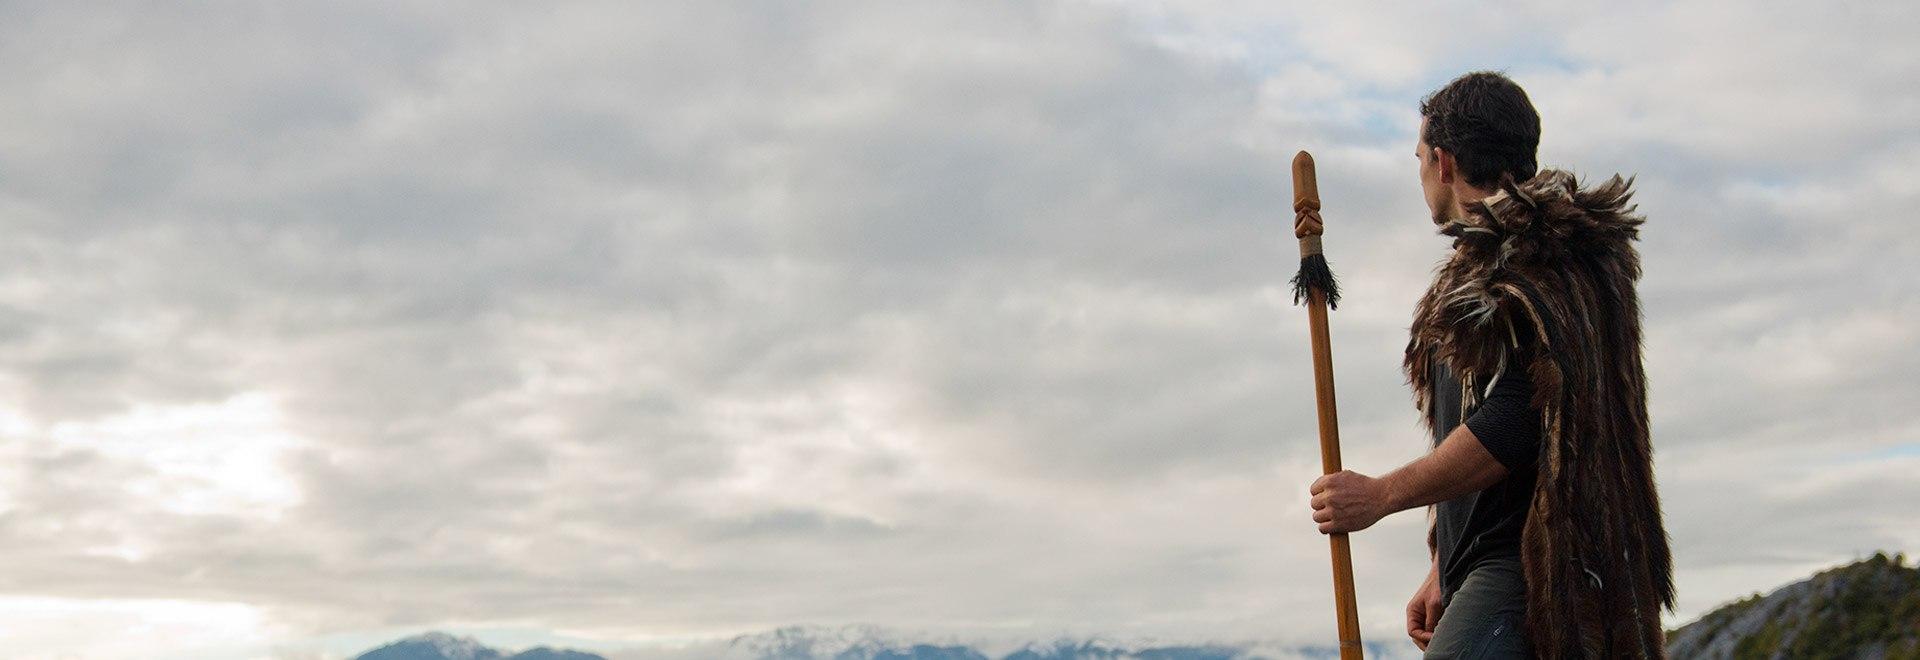 Nuova Zelanda: ghiaccio brutale